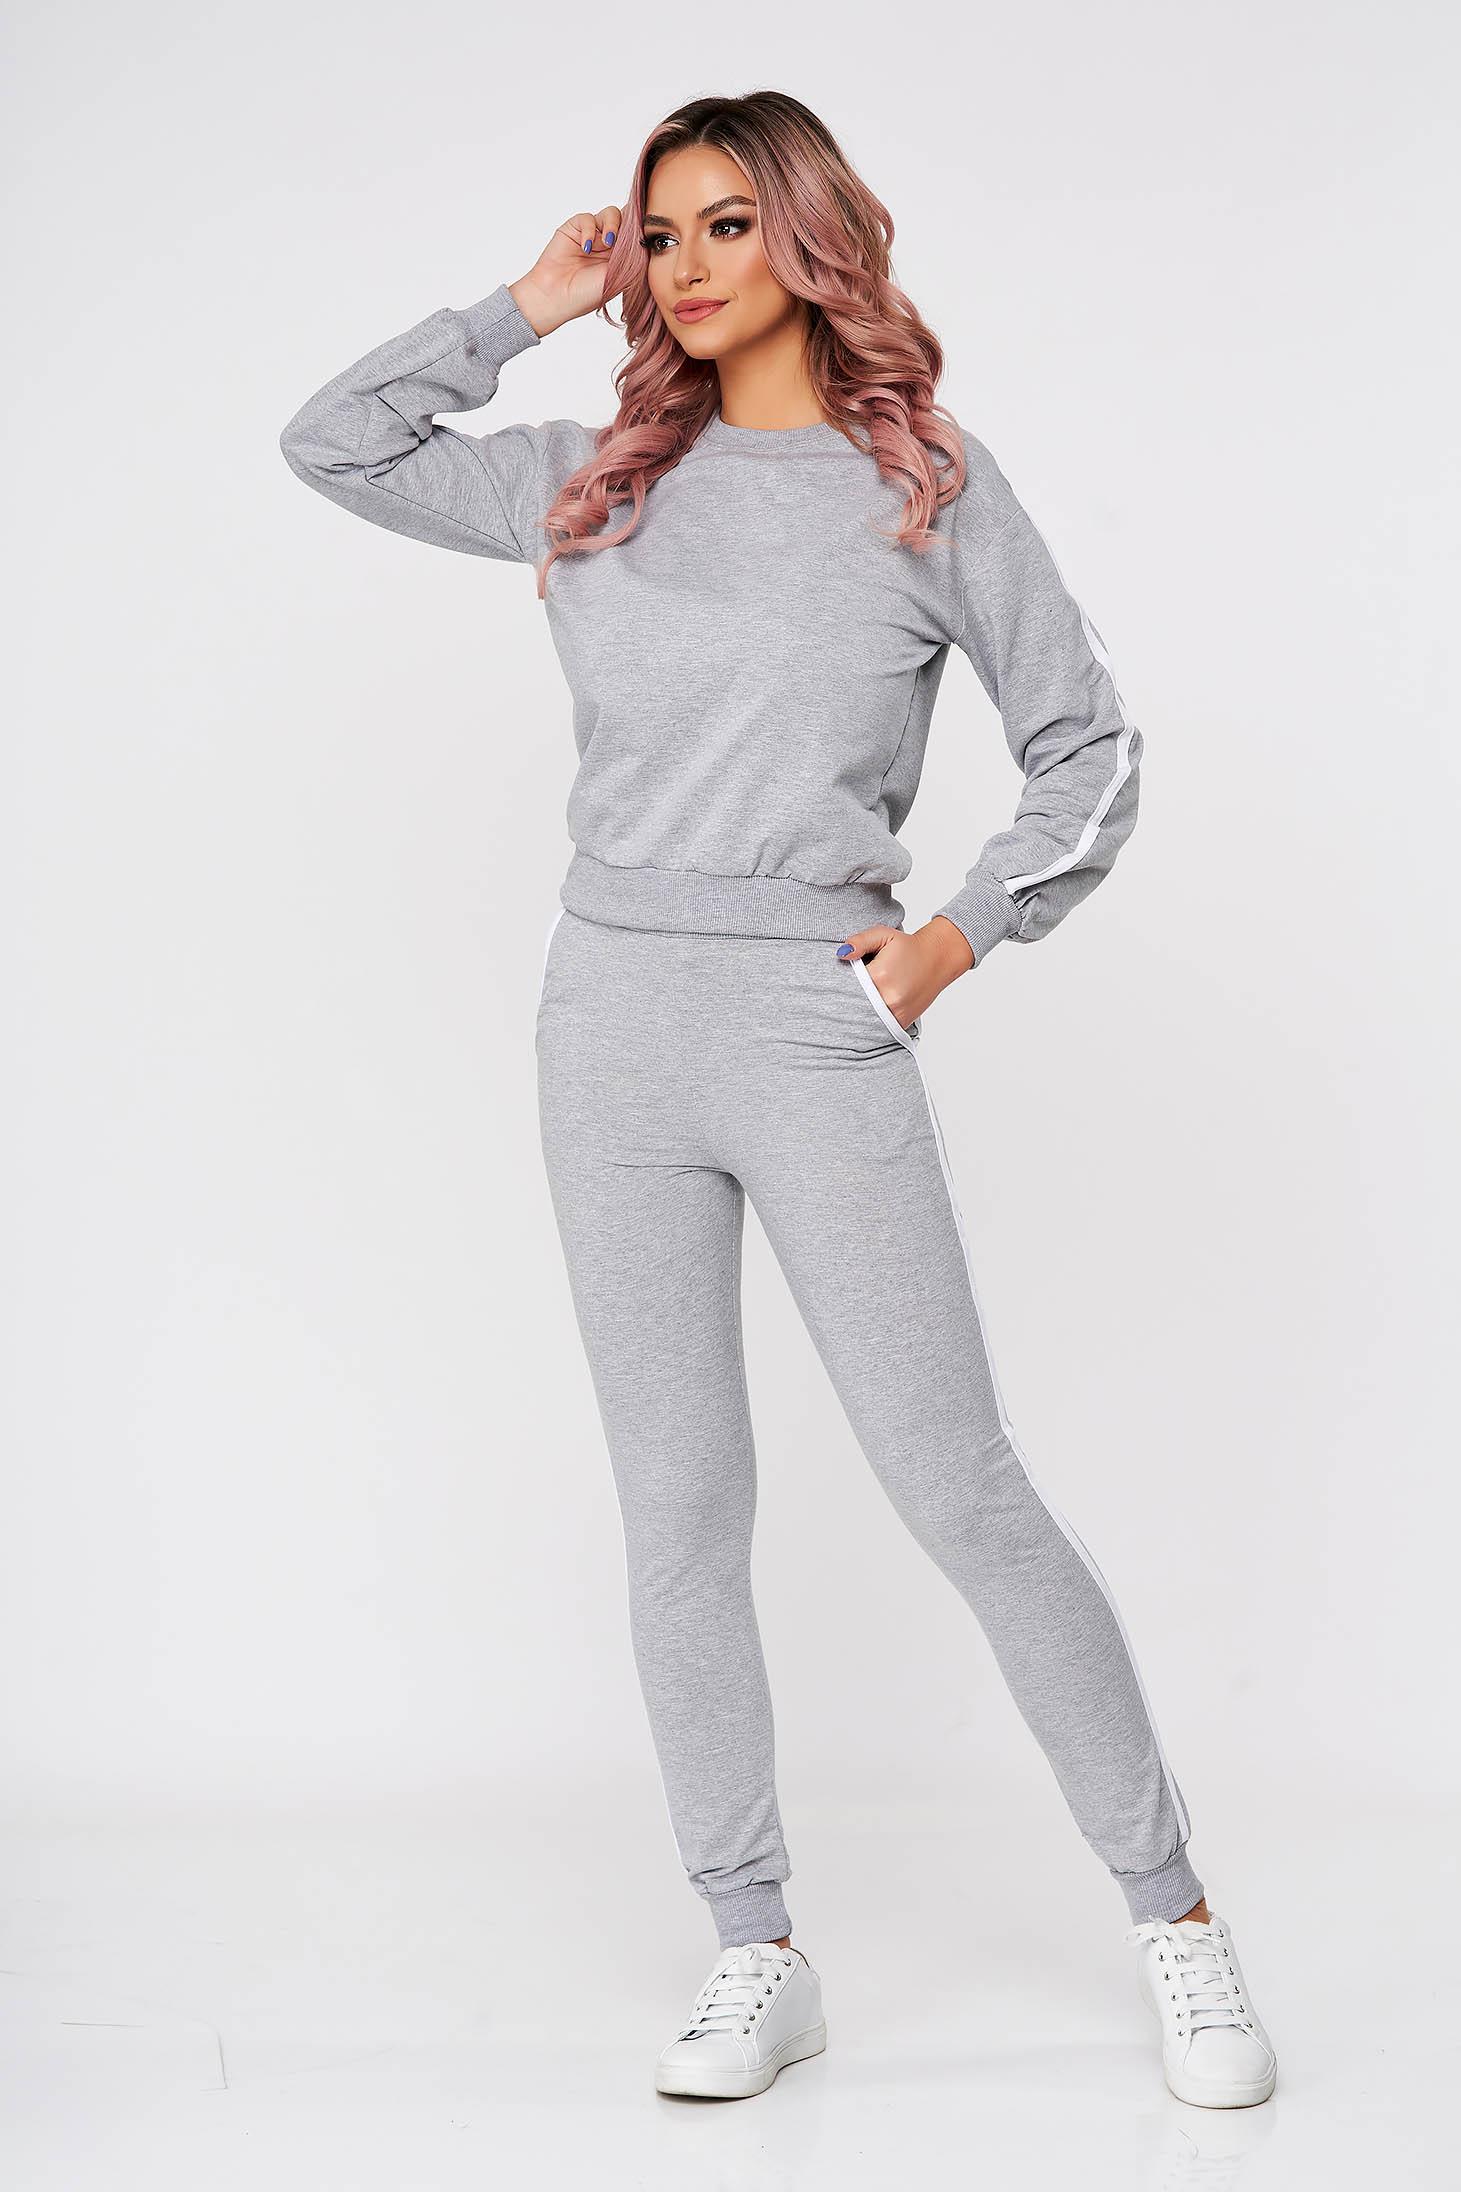 Grey sport 2 pieces 2 pieces cotton casual